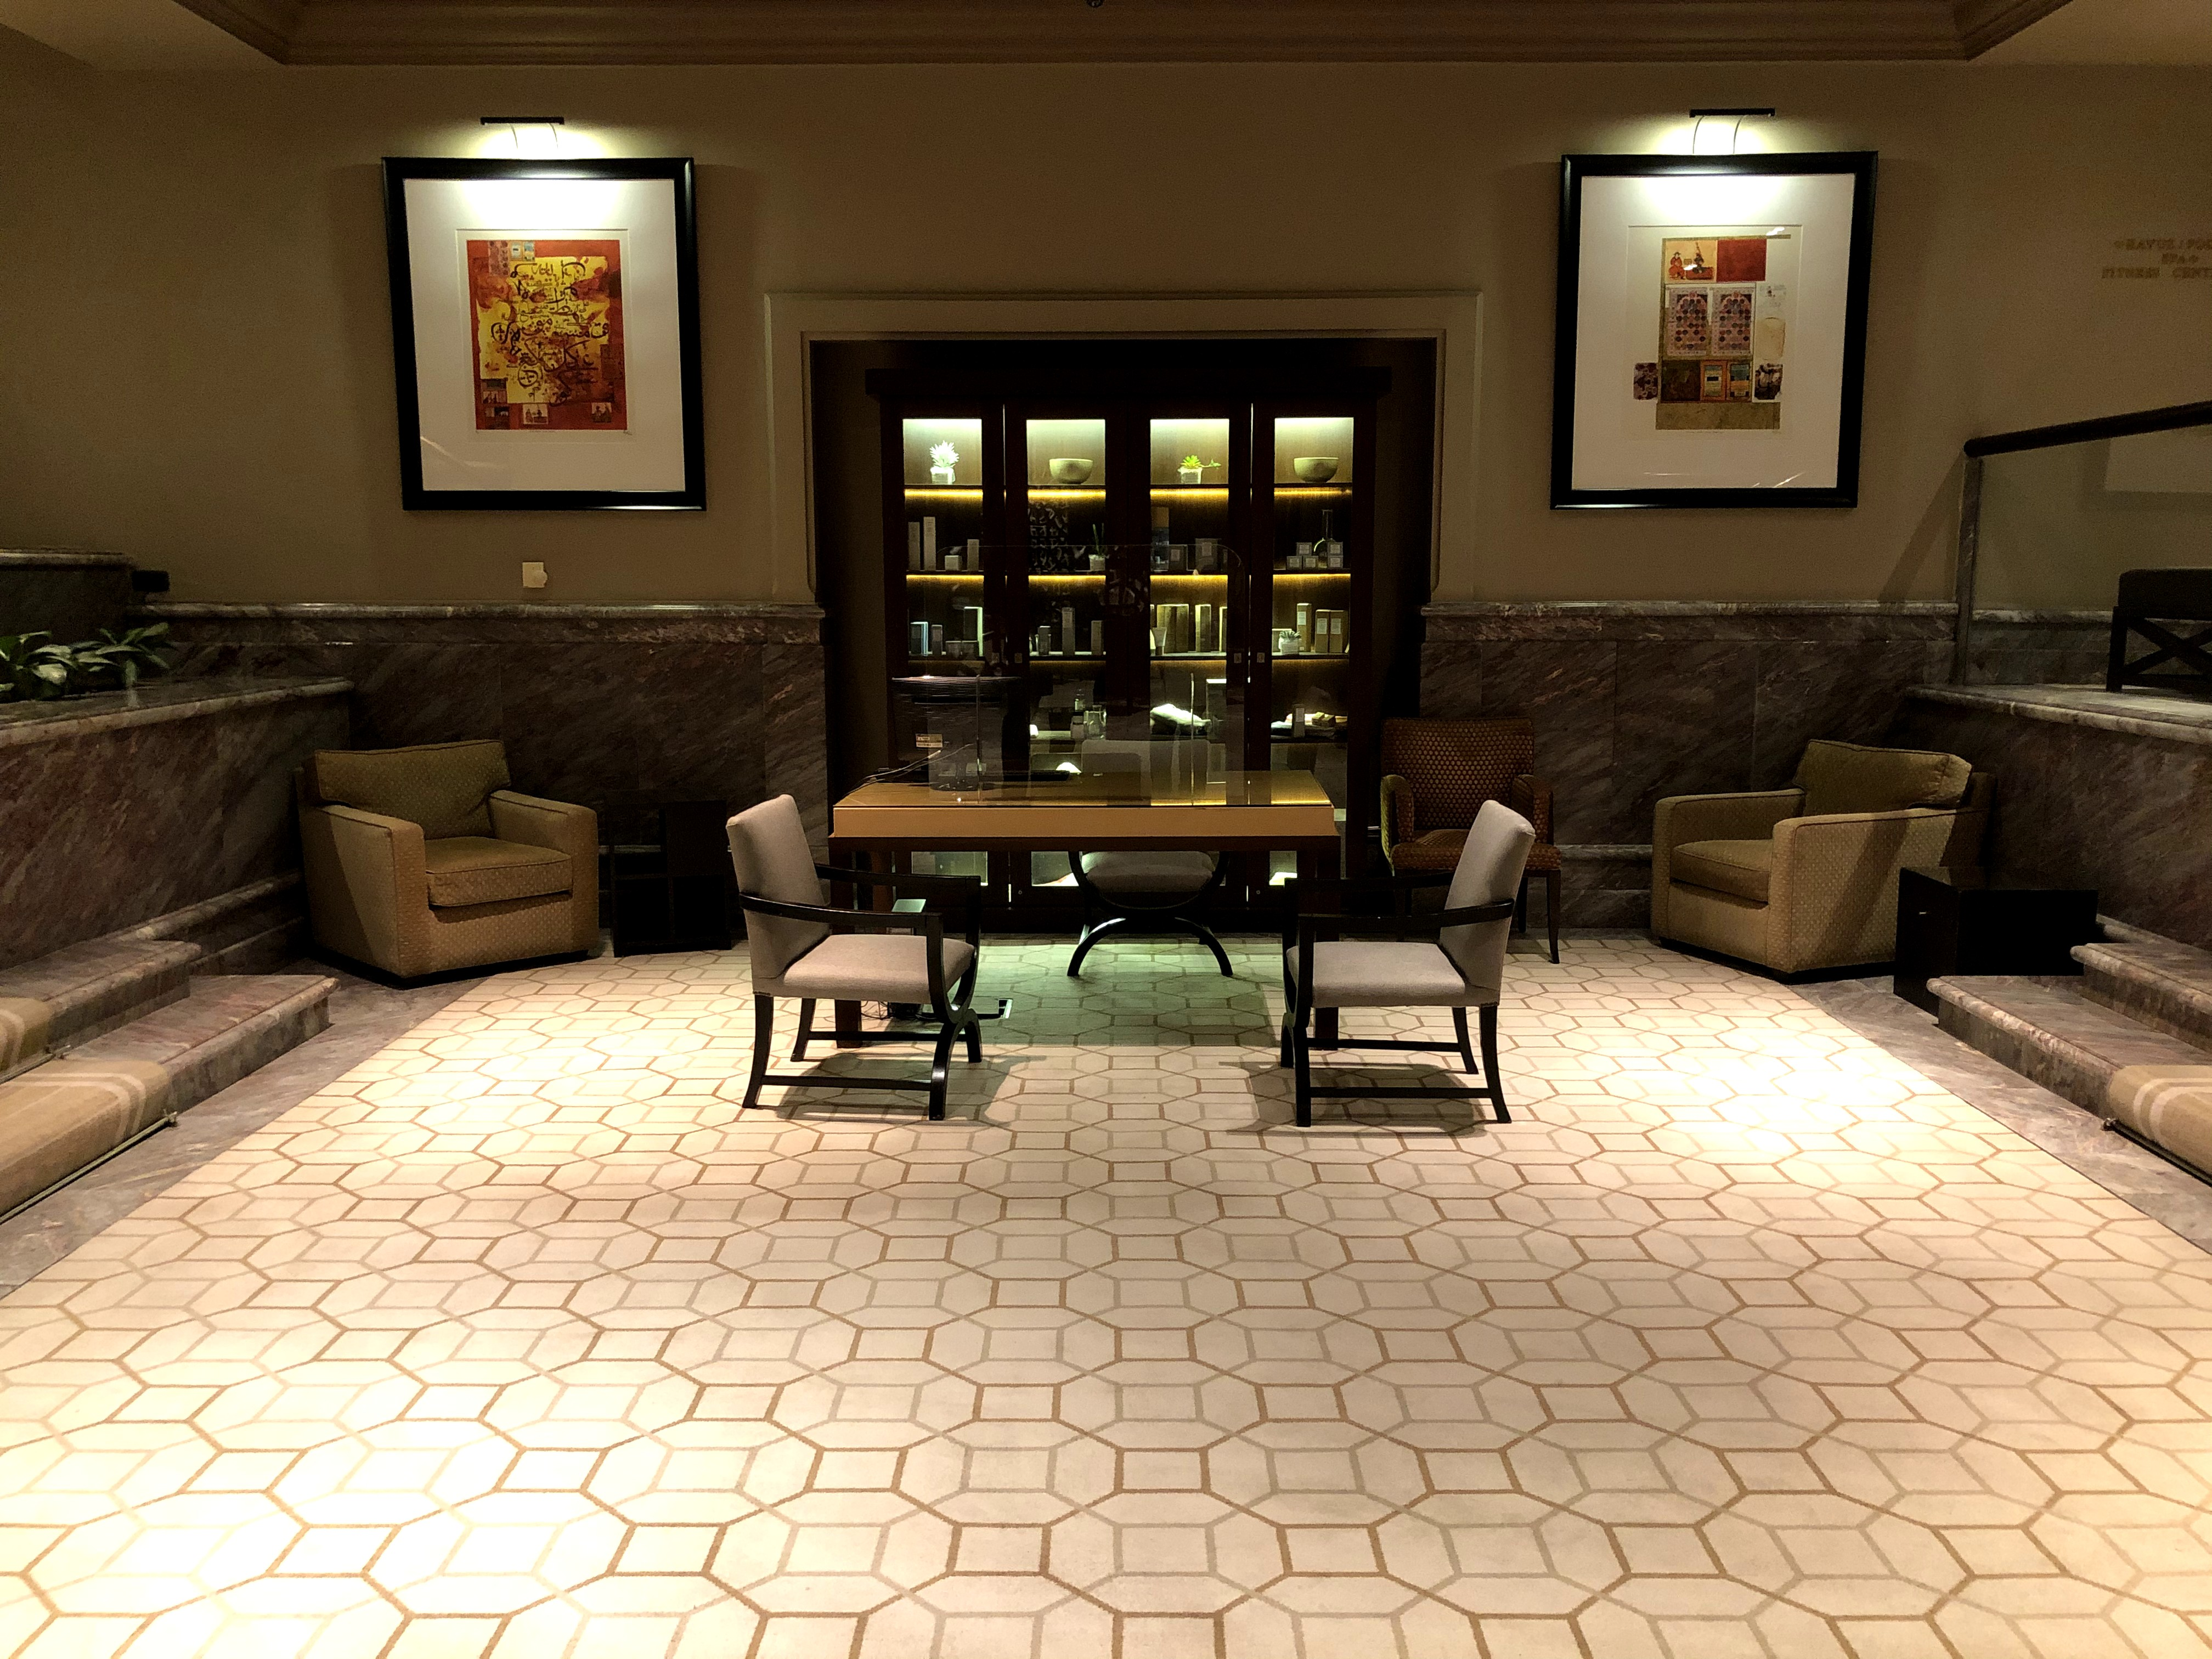 ハイアット ライフタイムグローバリストへの道#65(グランドハイアット イスタンブール スイートグランドキング(Grand Hyatt Istanbul Suite Grand King Room))